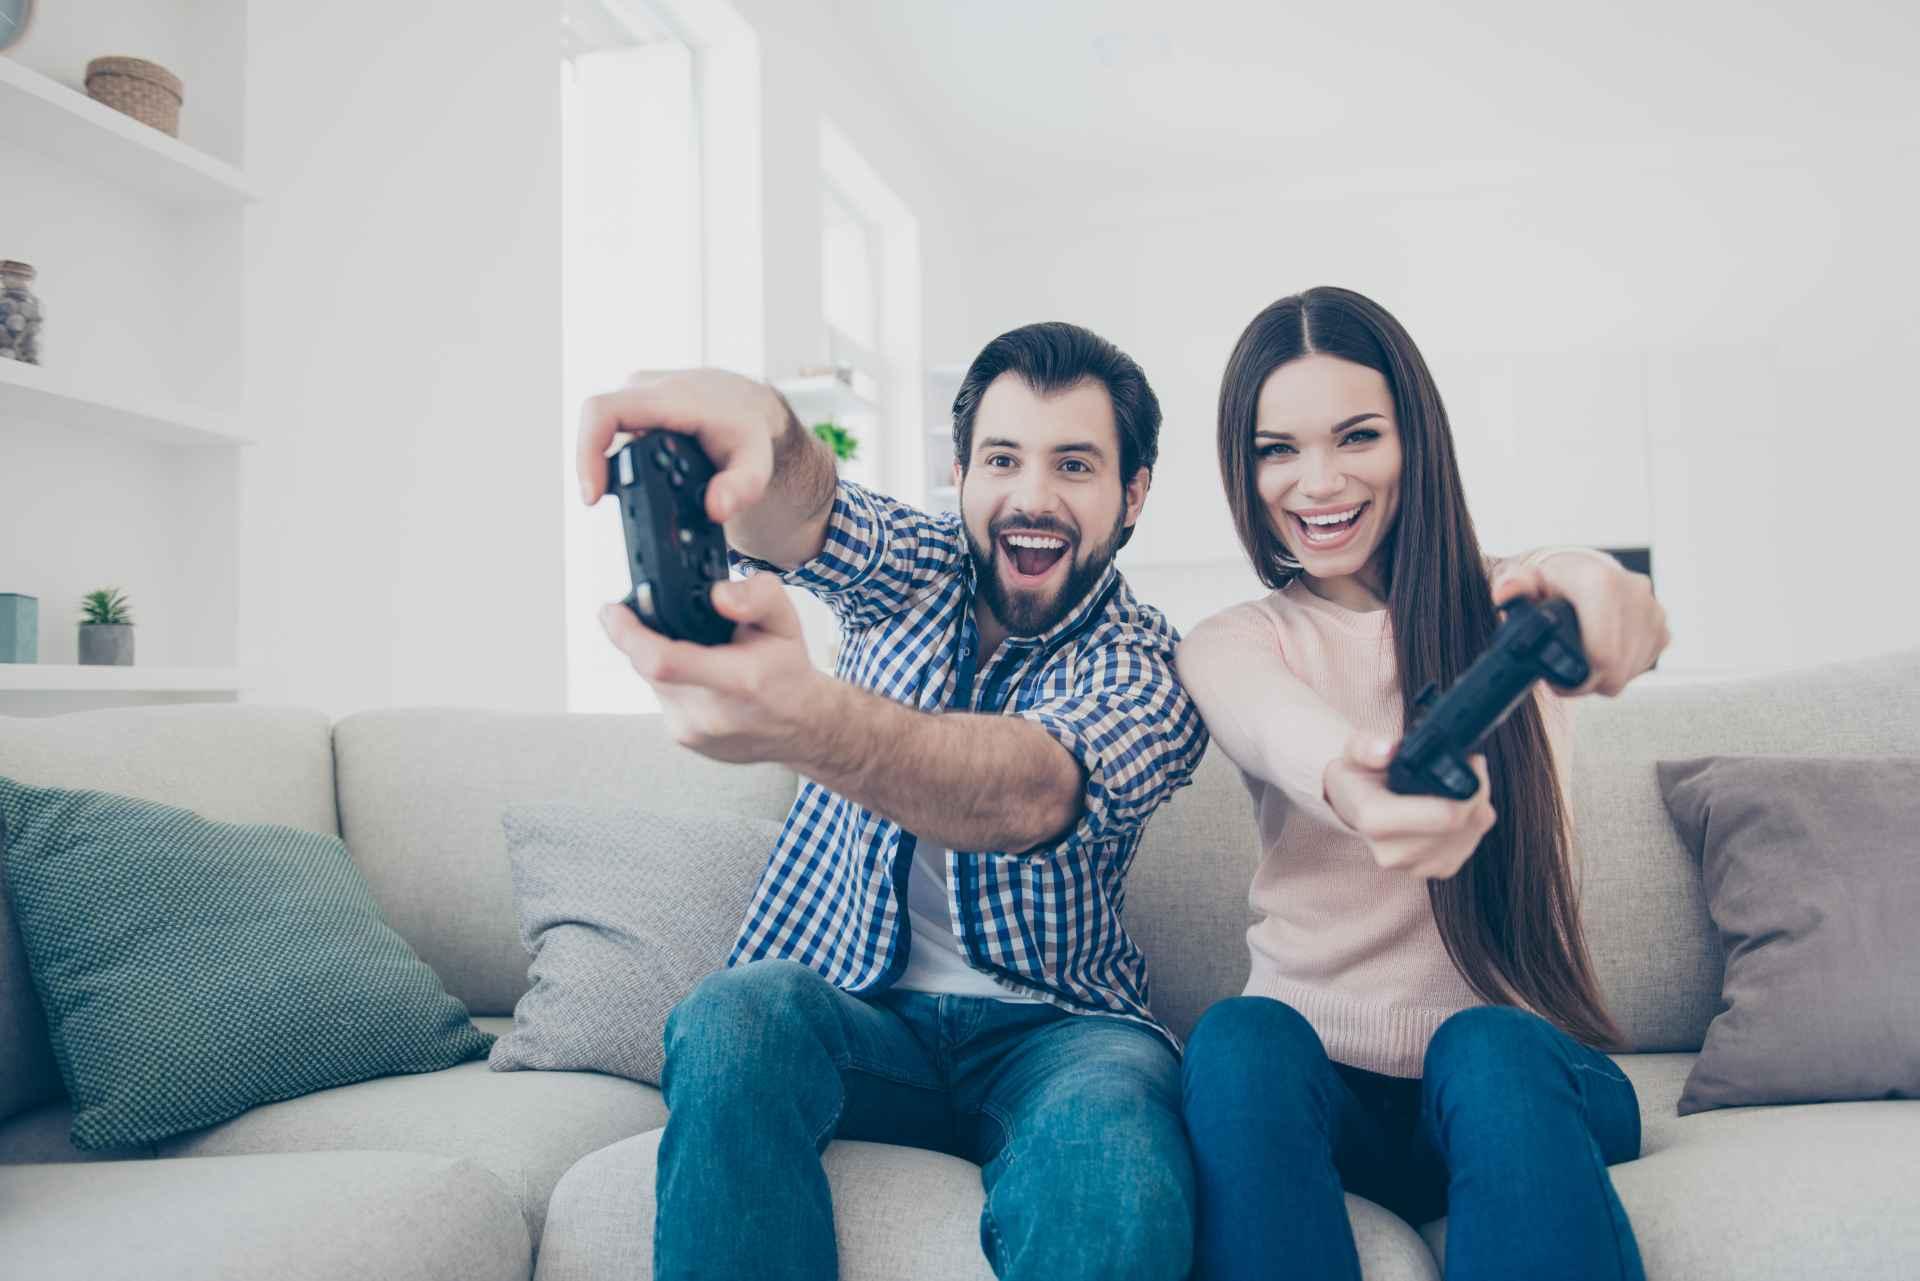 5 Lezioni per imparare l'amore dai videogiochi SDC.com